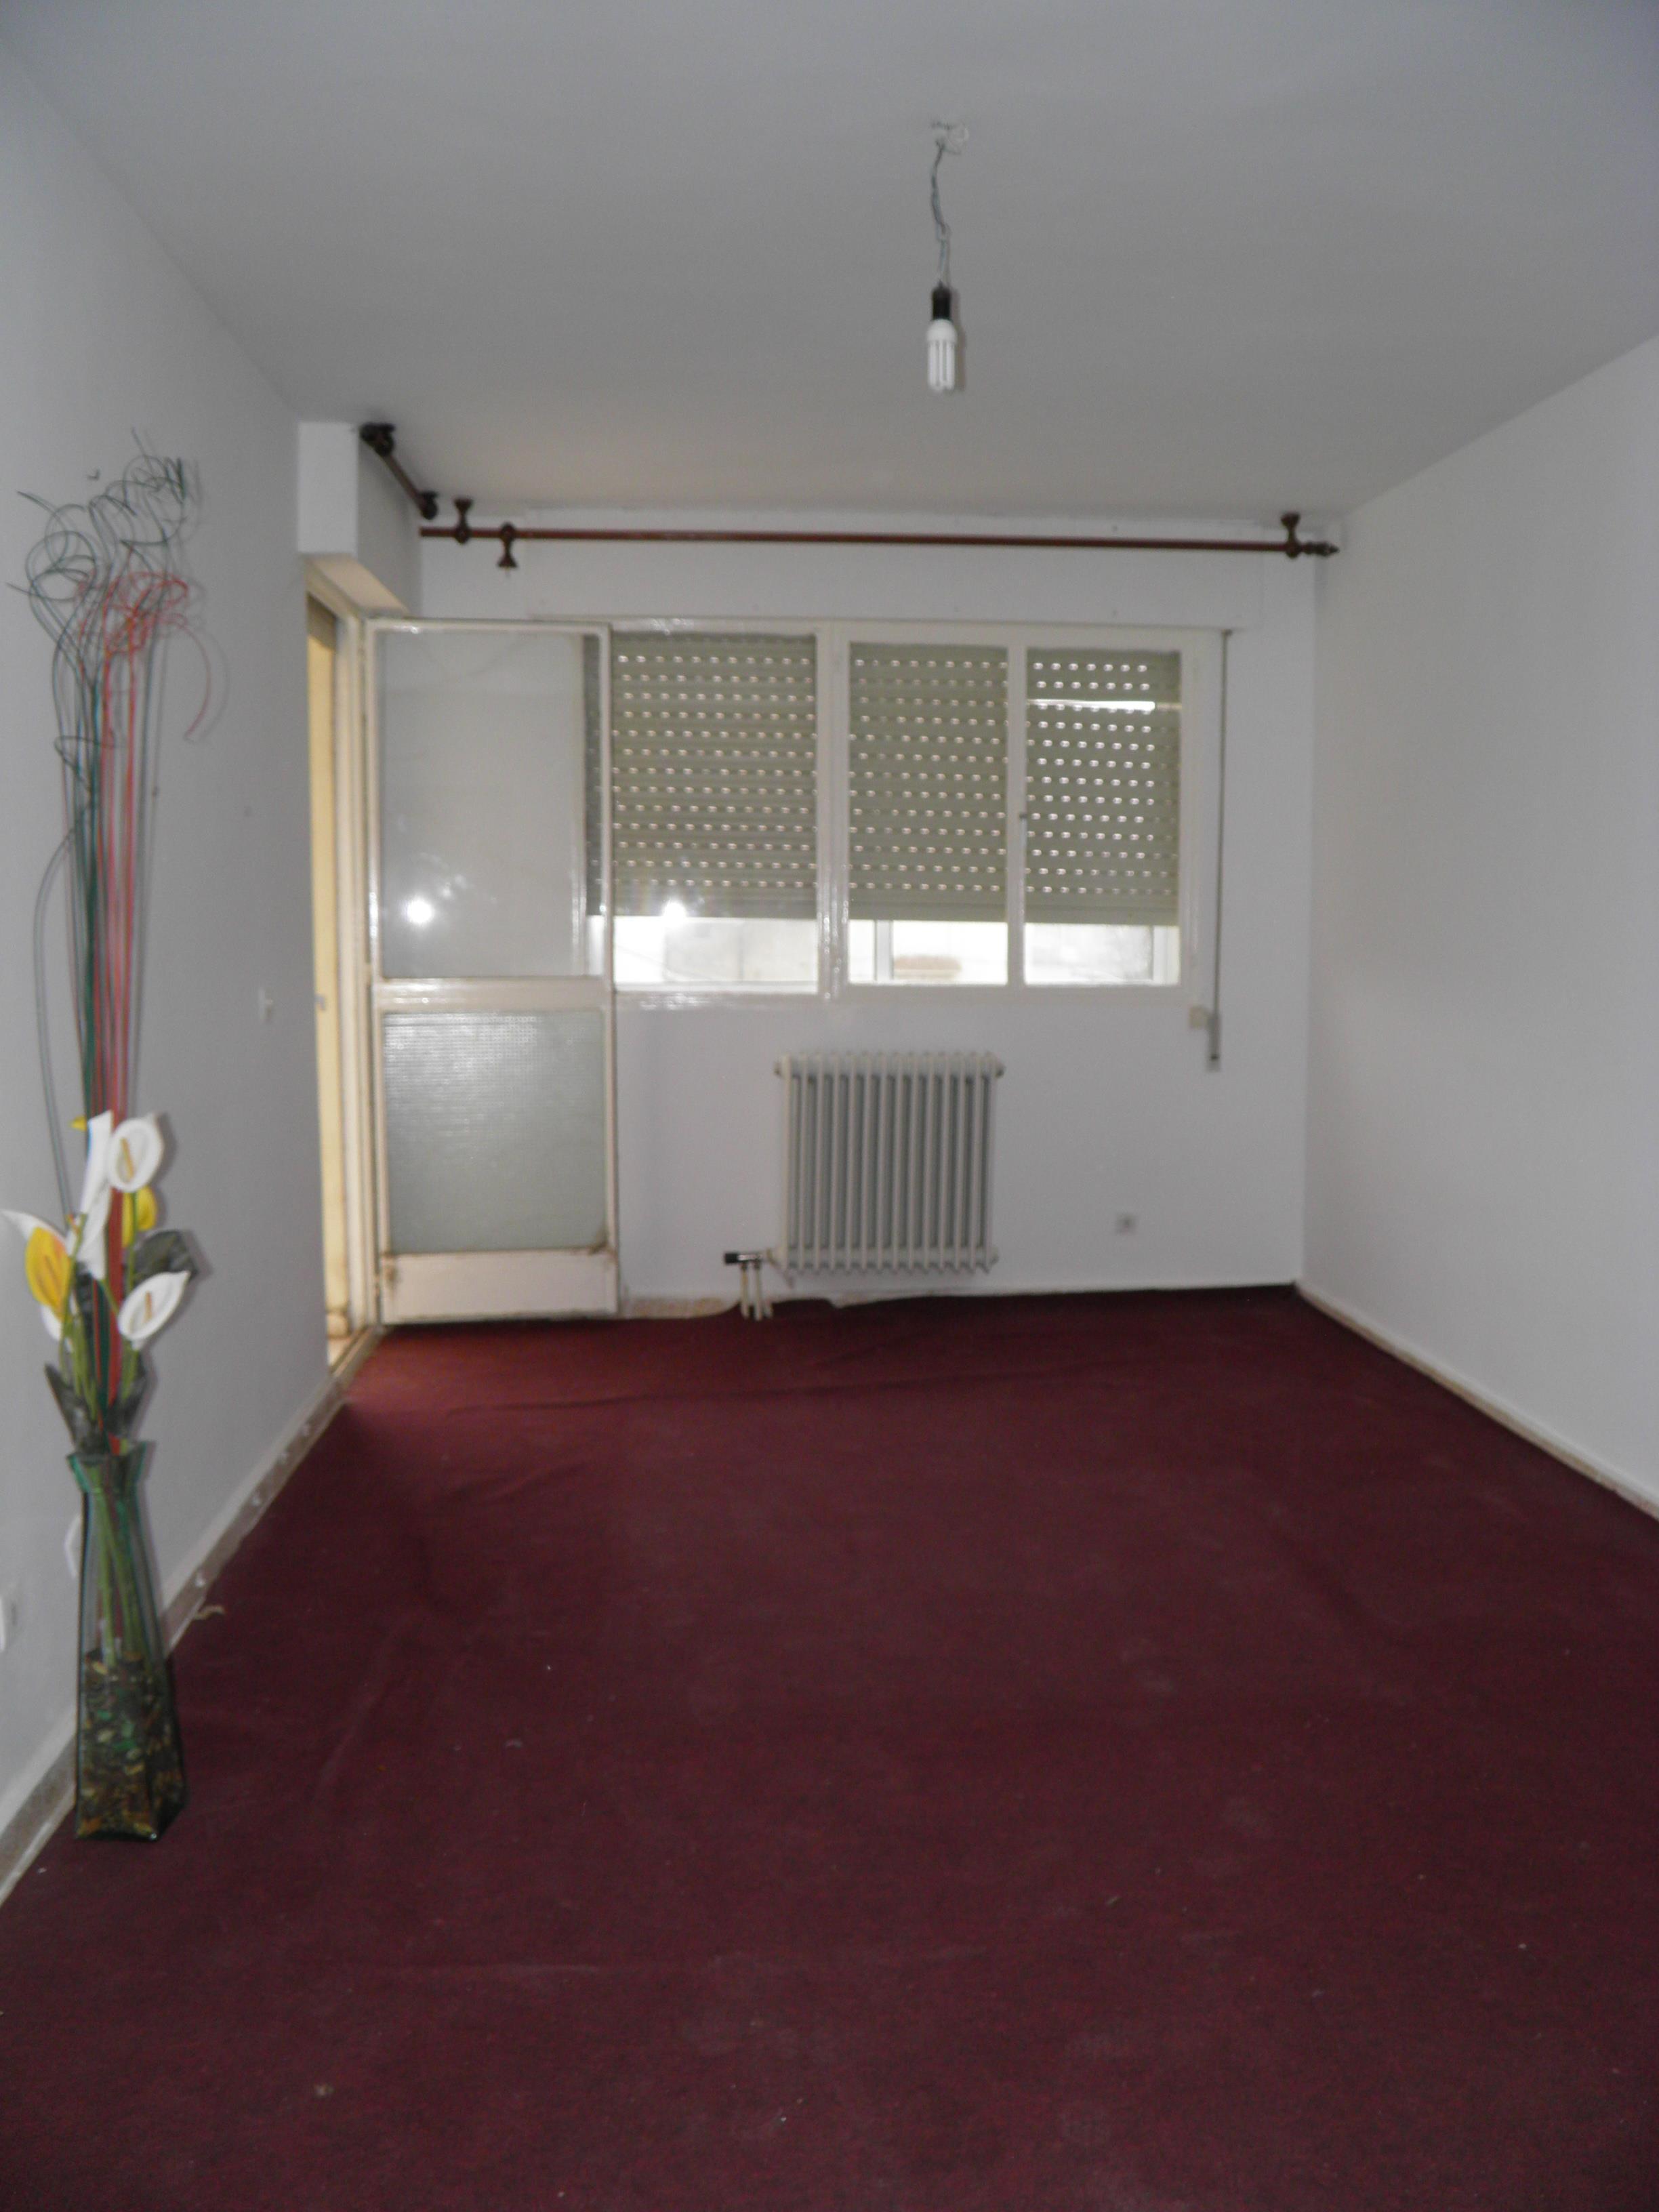 Piso en venta en San Esteban de Gormaz, Soria, Calle Luis Lopez Pando, 44.063 €, 3 habitaciones, 1 baño, 87 m2